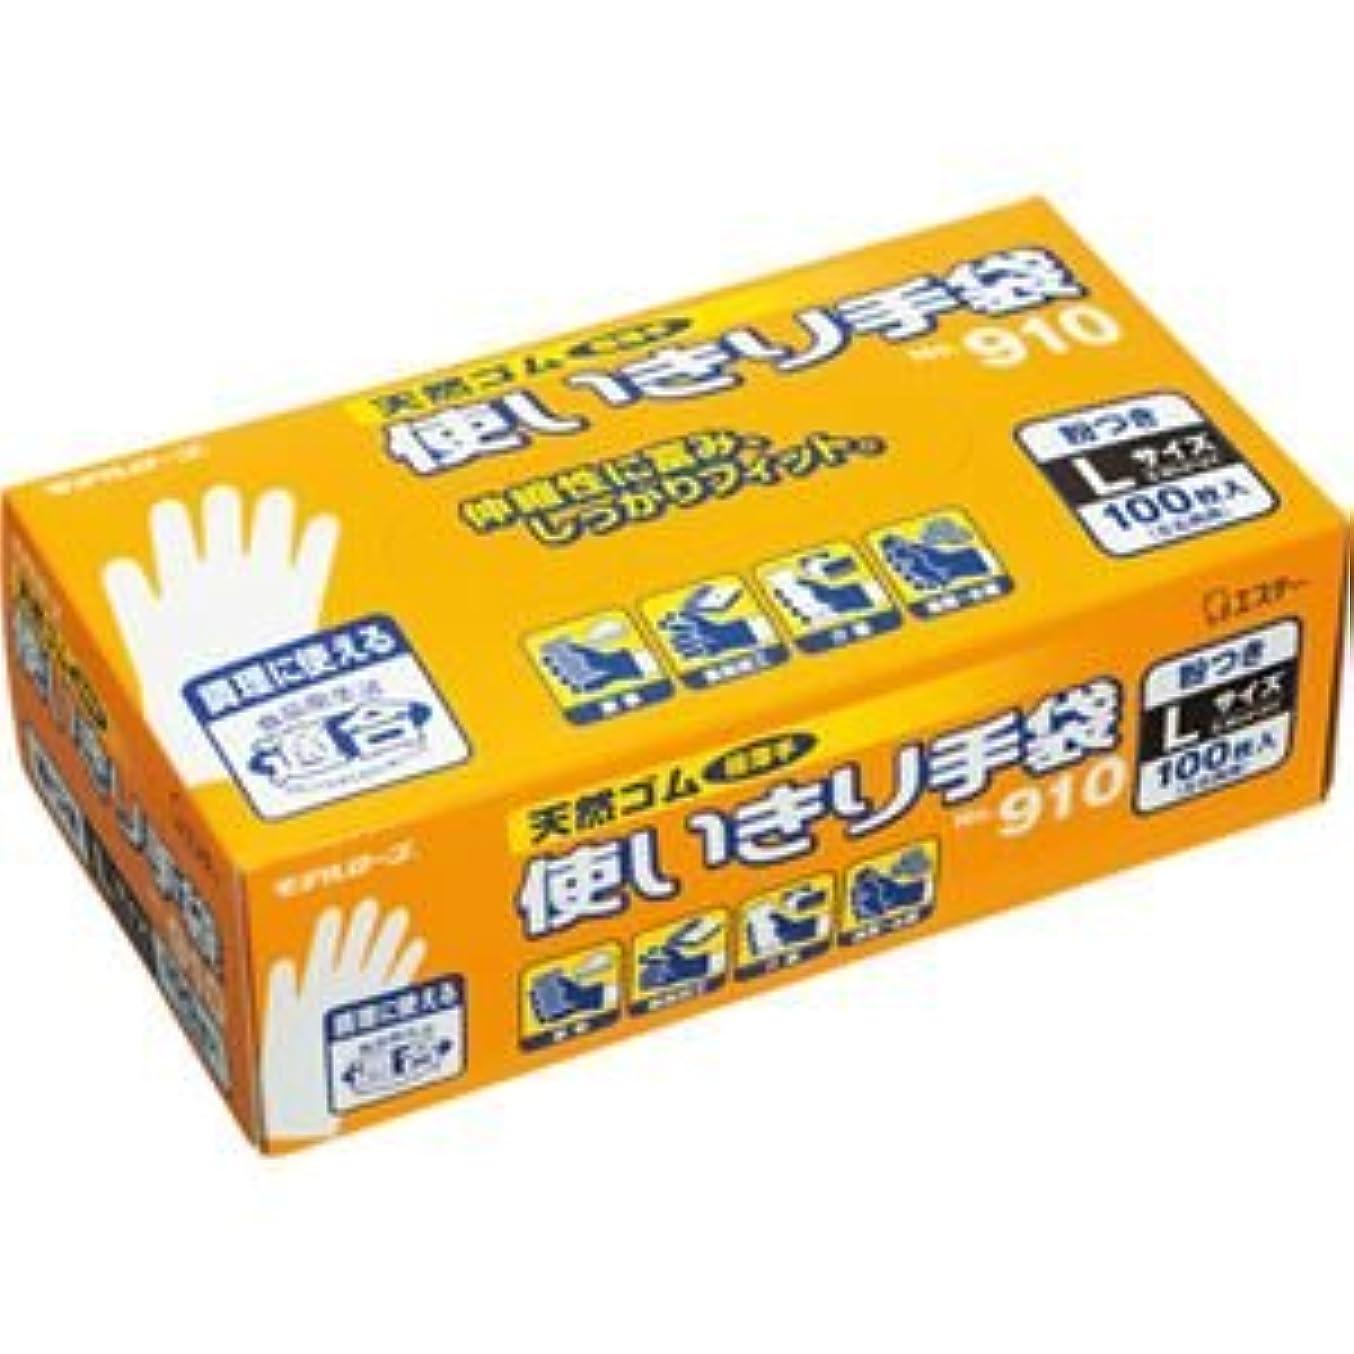 エアコン誇張誇張(まとめ) エステー No.910 天然ゴム使いきり手袋(粉付) L 1箱(100枚) 【×5セット】 ds-1580593